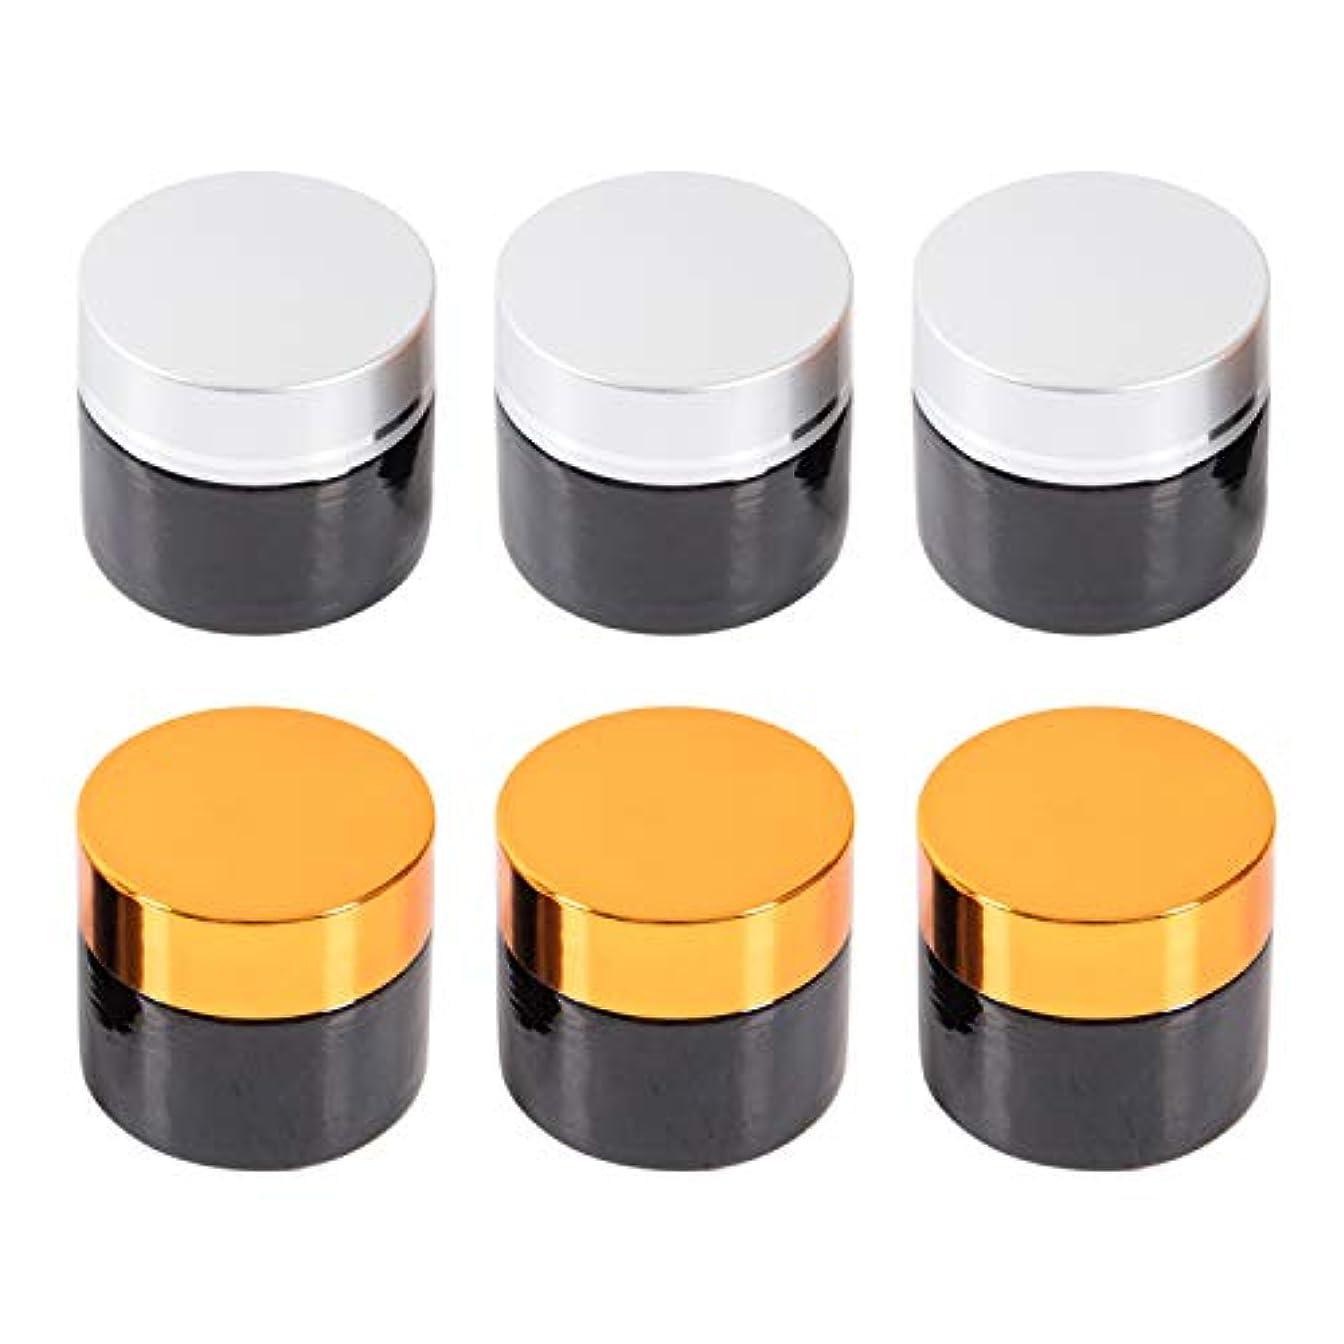 衝突する起きている永久に【Mythrite】 遮光瓶 クリーム容器 ガラス 容器 ハンドクリーム アロマクリーム 保存 詰替え ブラウン シルバー ゴールド 10g 6個セット